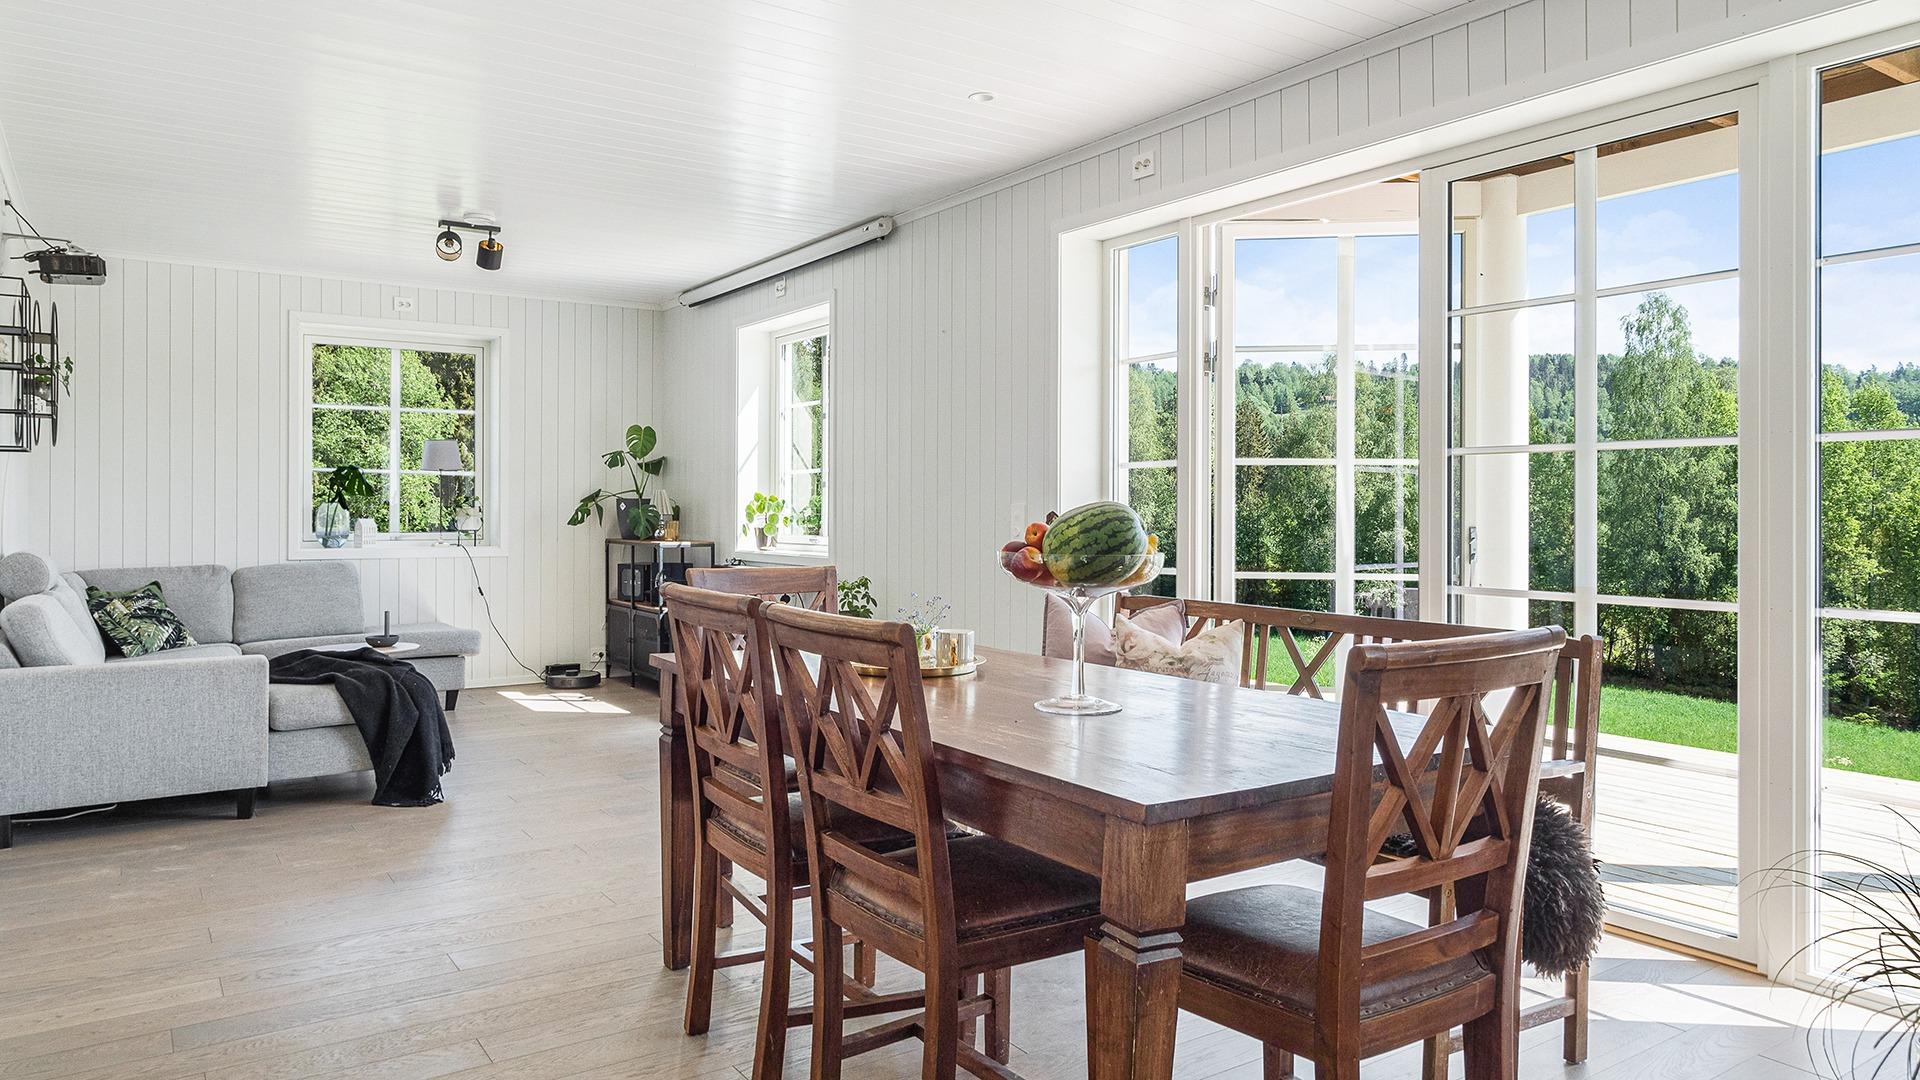 Arkitekten speilvendte mange av rommene i huset for å få full utnyttelse av sol- og utsiktsforhold.